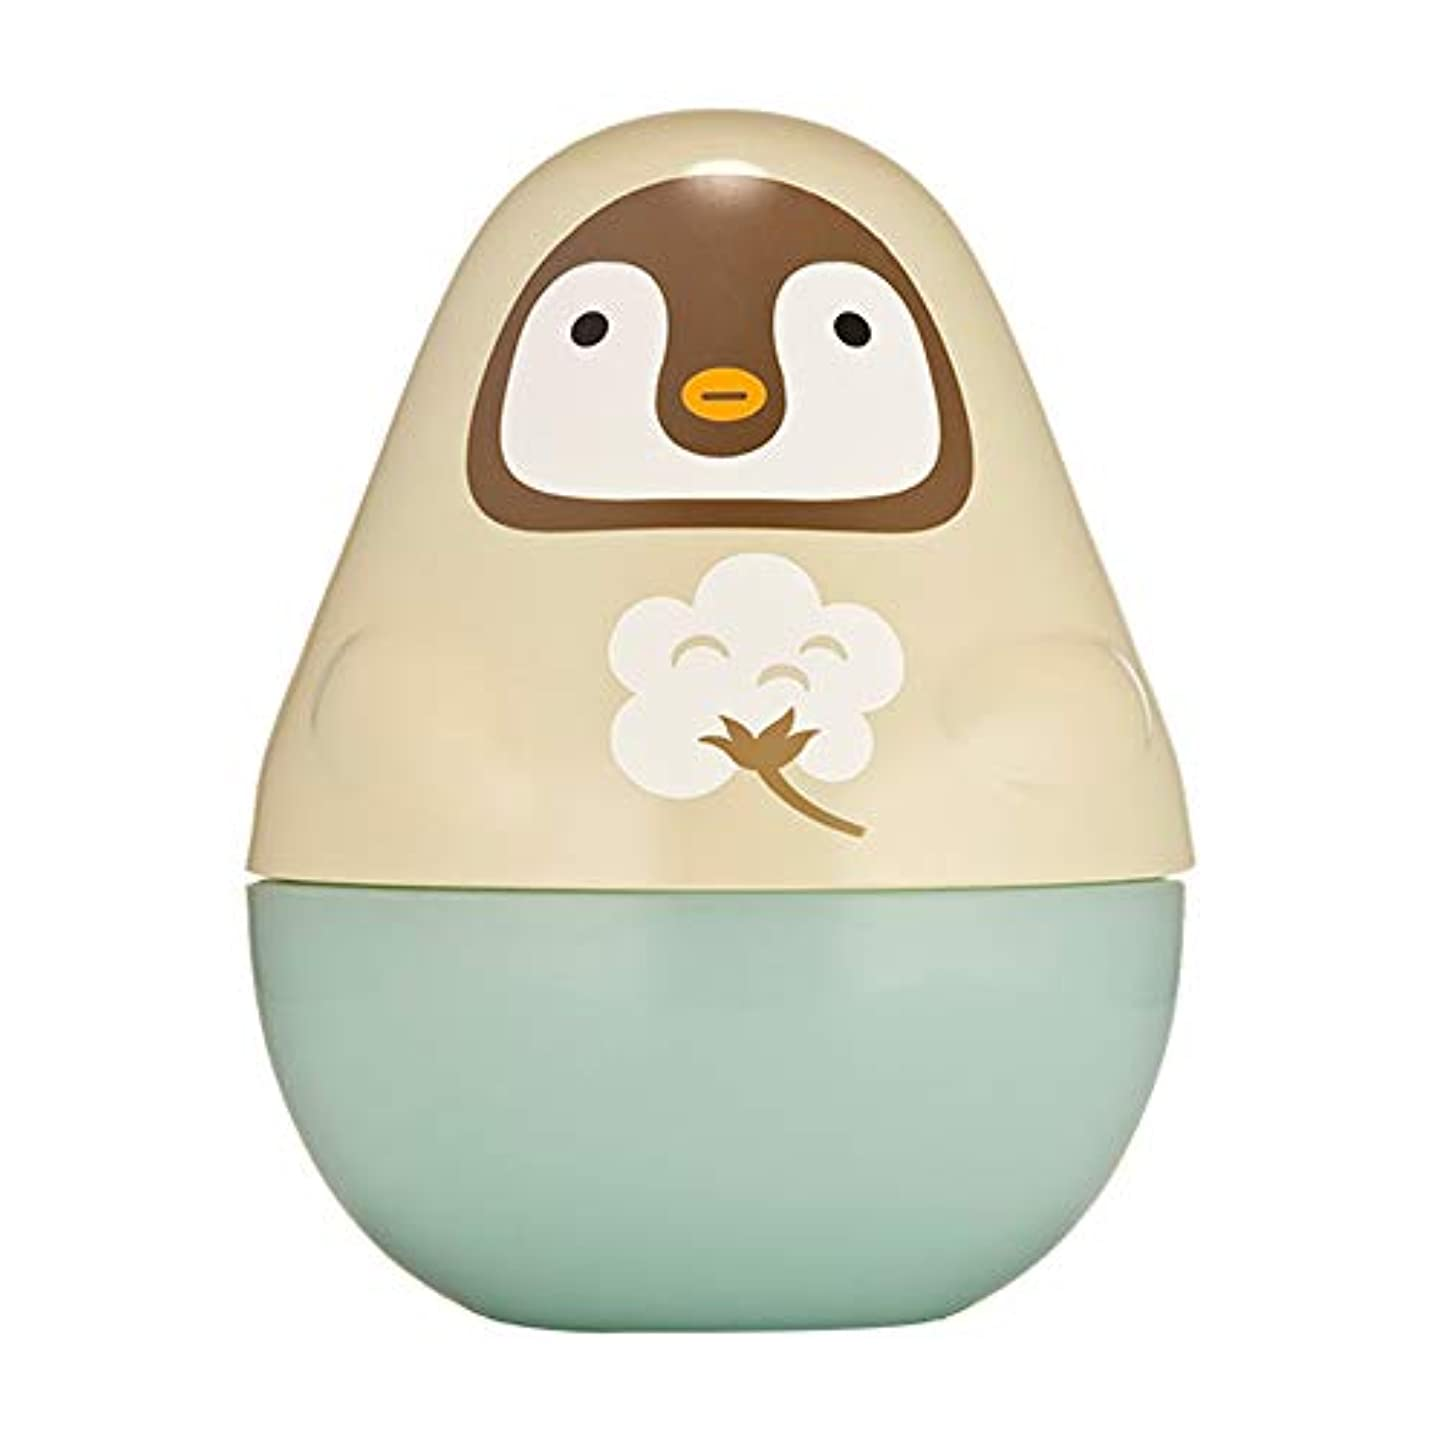 開業医振動させる変形するエチュードハウス(ETUDE HOUSE) ミッシングユー ハンドクリーム ペンギン(ベビーパウダーの香り)